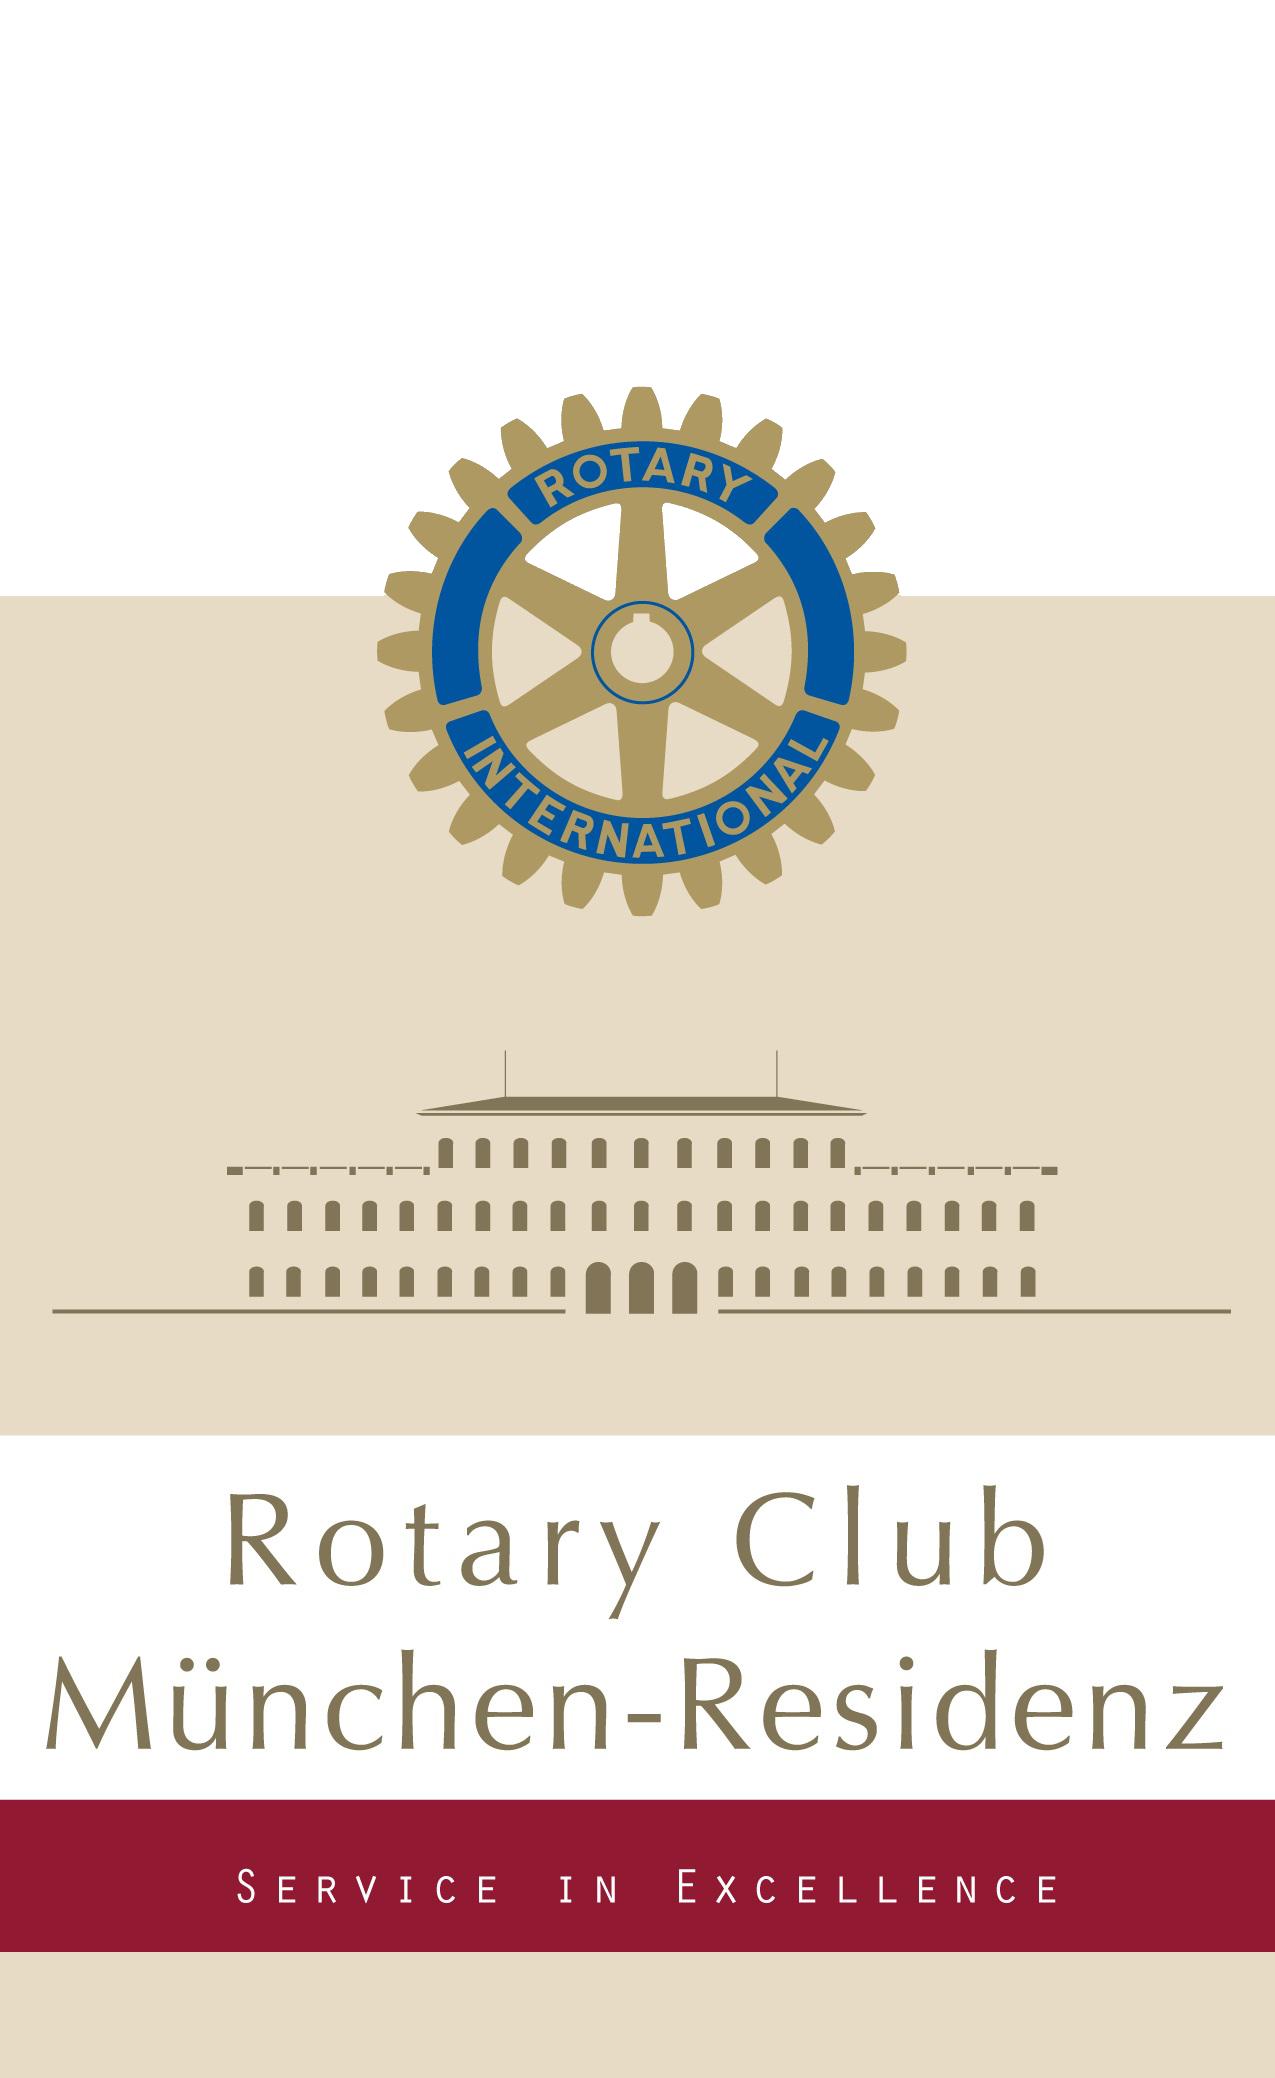 Logo, Rotaryclub, München Residenz, Partner, DEIN MÜNCHEN, Spenden, helfen, Jugendliche, Kinder, Engagement, soziales, Bildung, benachteiligt, CSR, Unternehmen, unterstützen, Mut auf Zukunft, Mut, Teilhabe, Gesellschaft, Verantwortung, Nachhaltigkeit, München, NO LIMITS, faire Startbedingungen, Chancen, Perspektiven